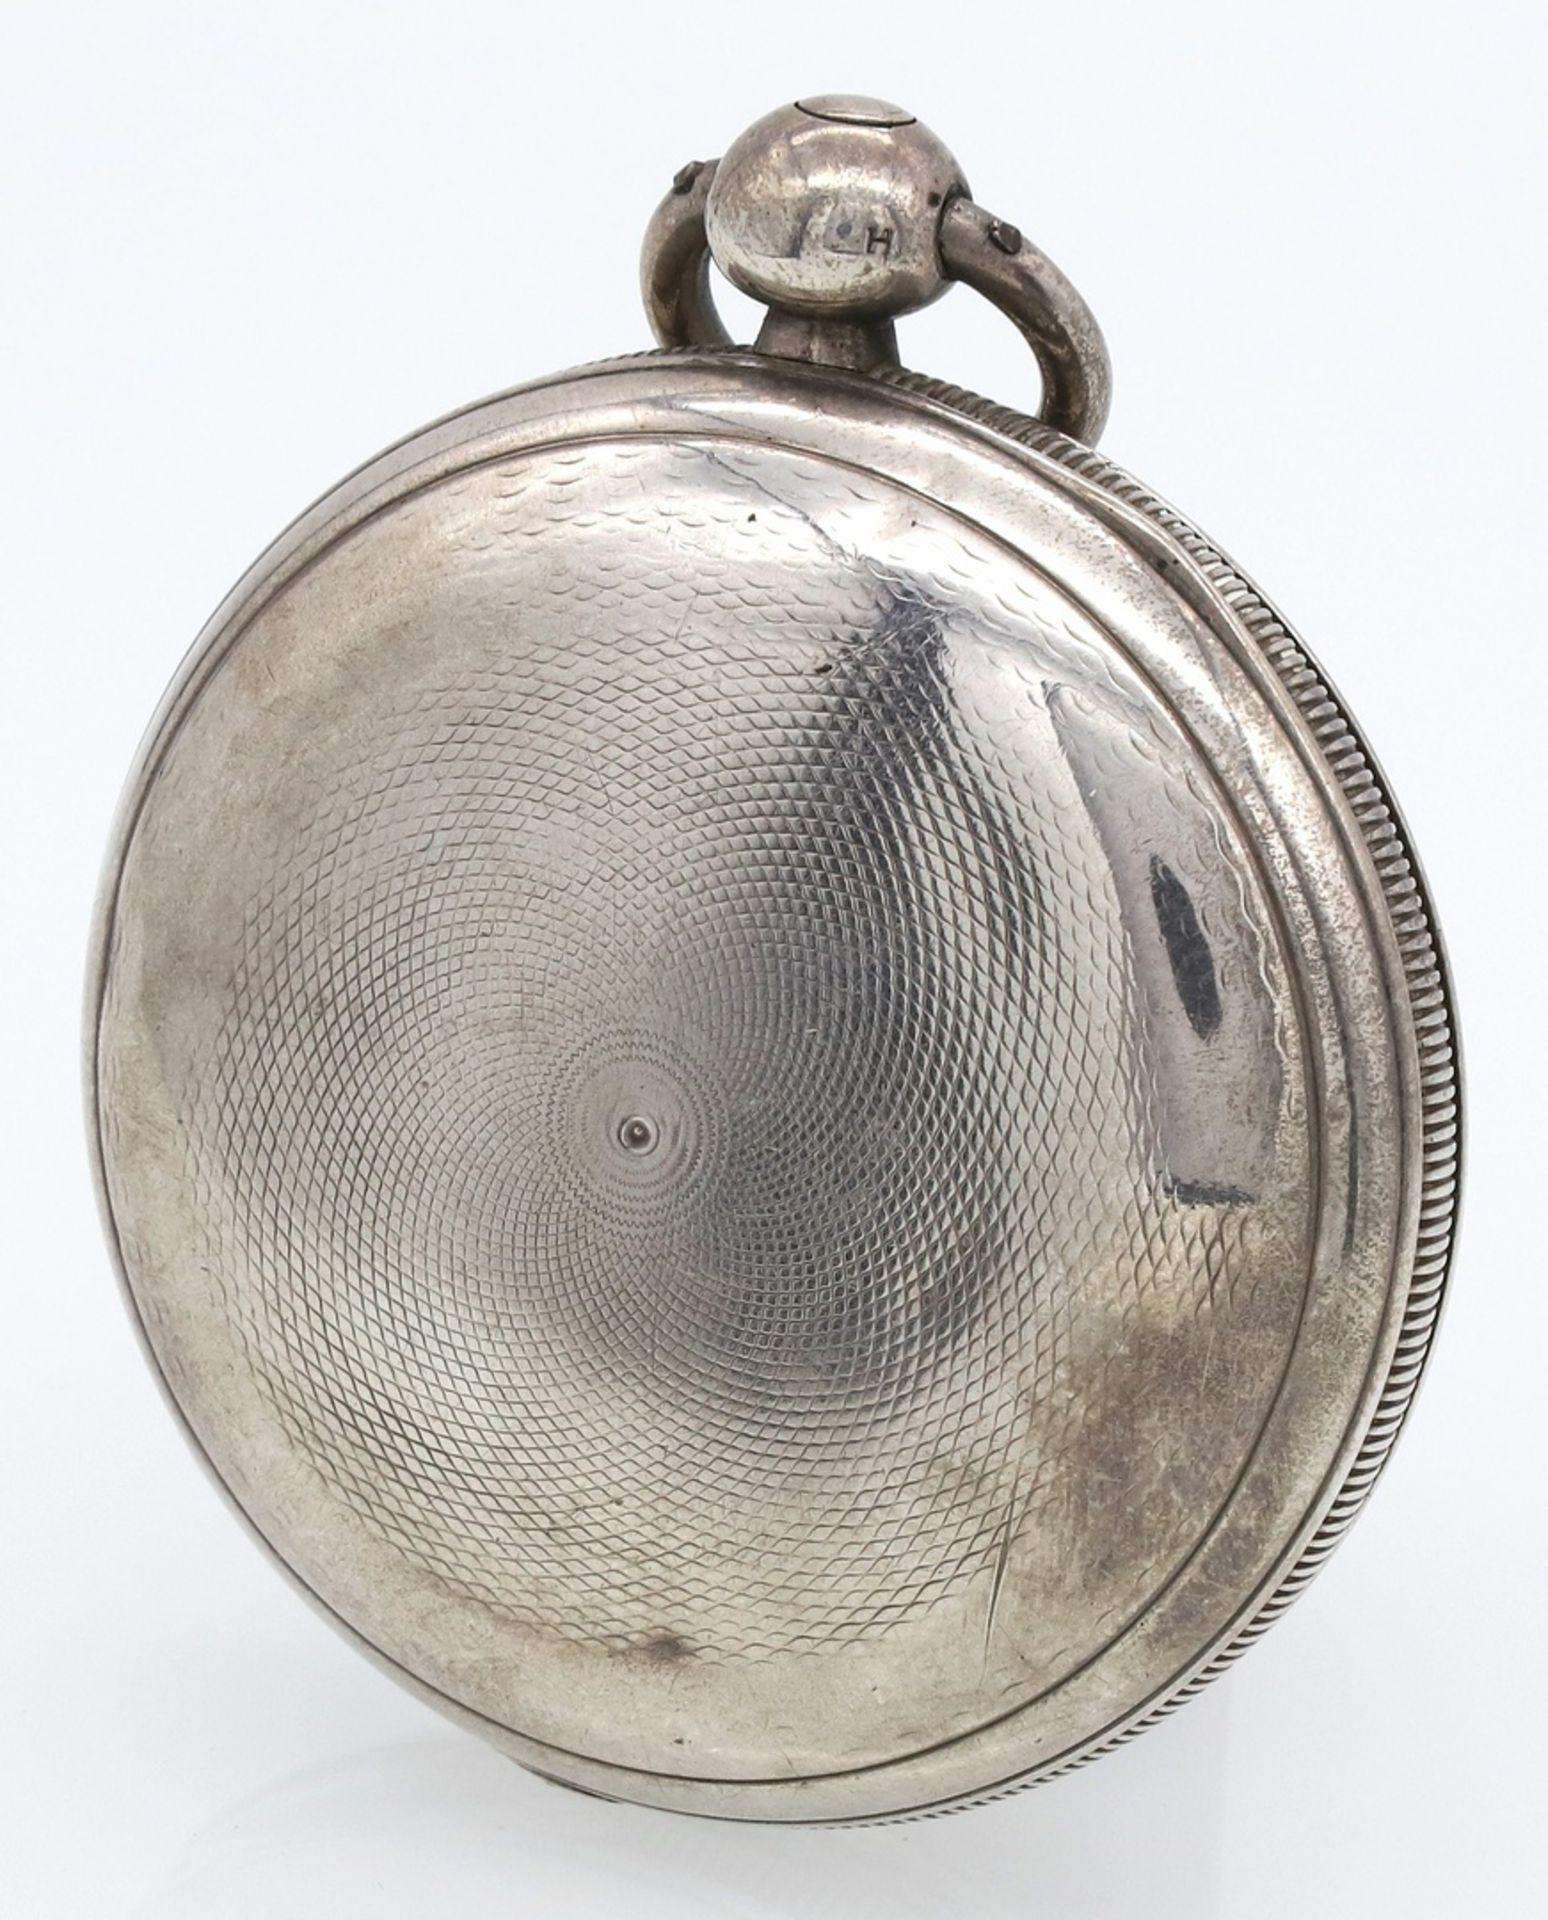 Bennet Wing London Spindeltaschenuhr mit Sprungdeckel, 1837 - Bild 4 aus 6